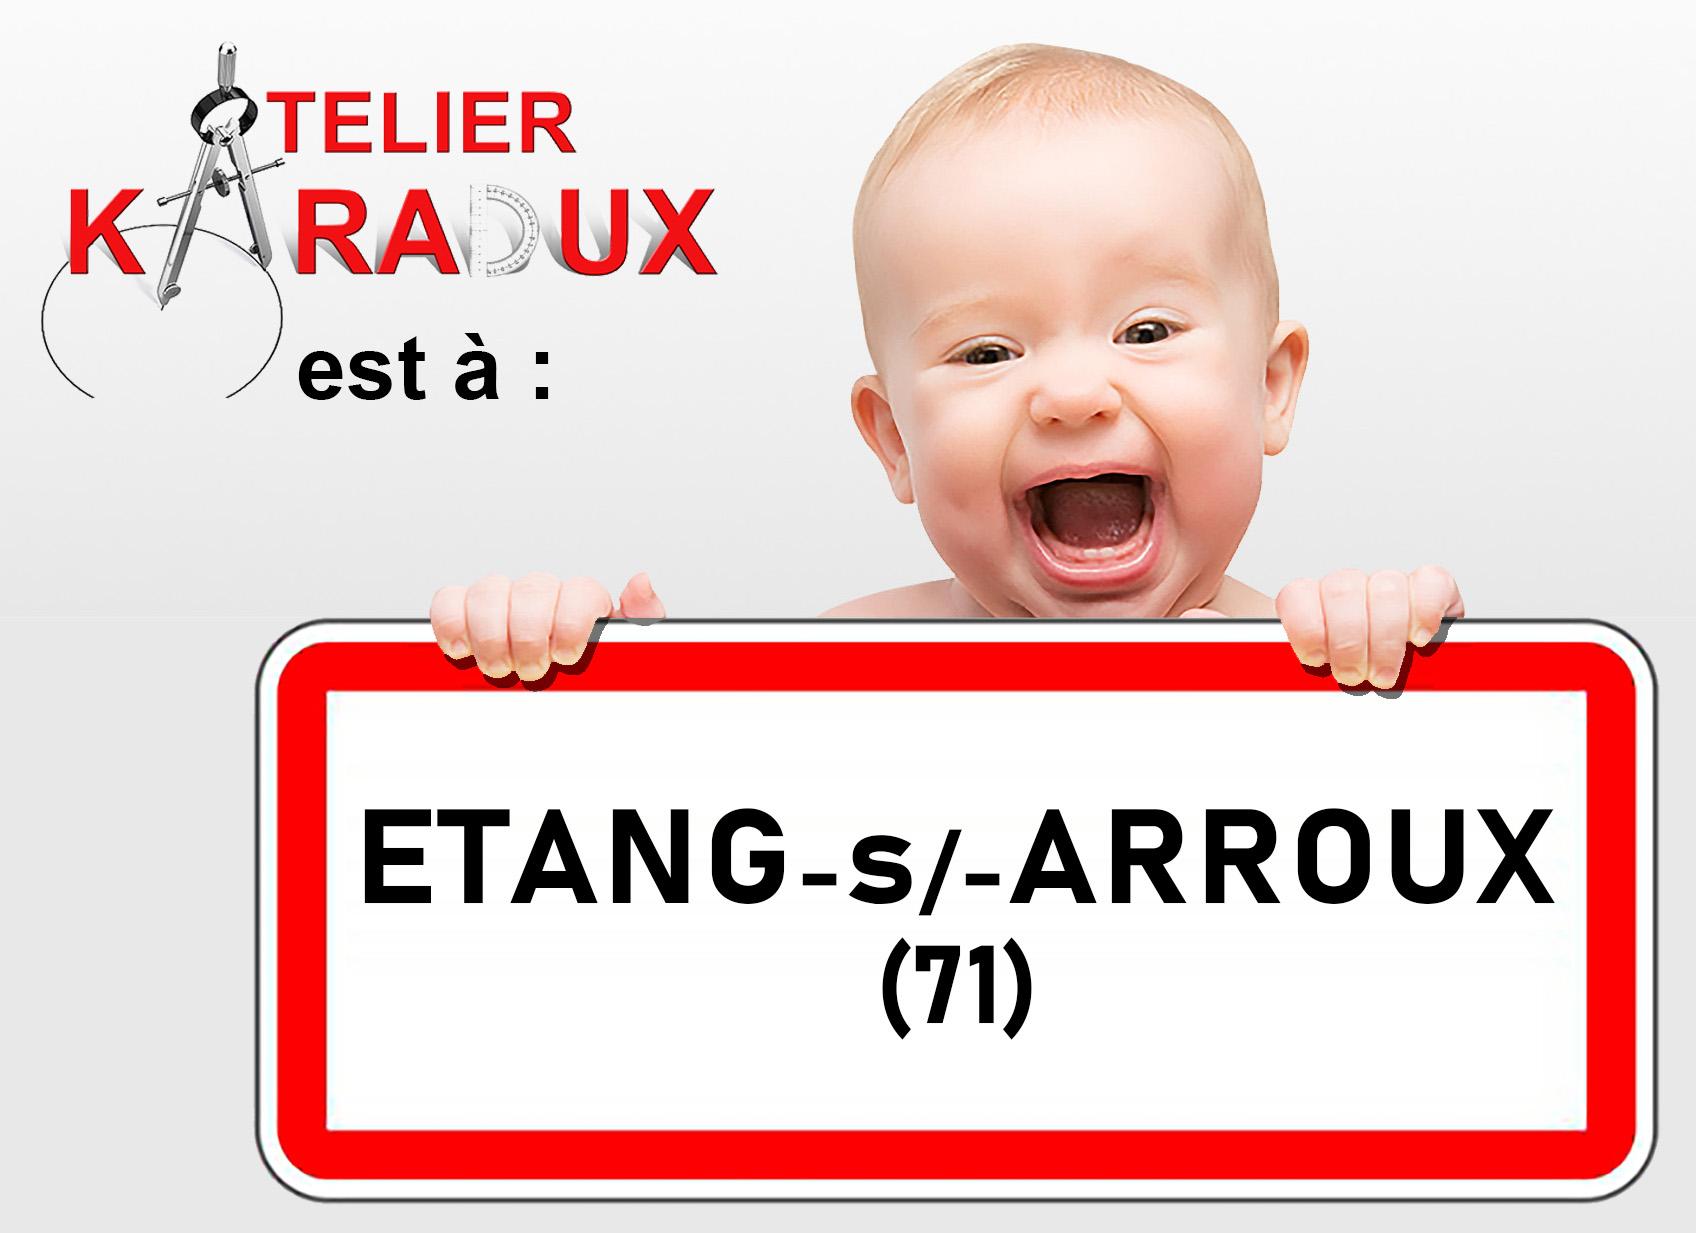 ETANG-sur-ARROUX